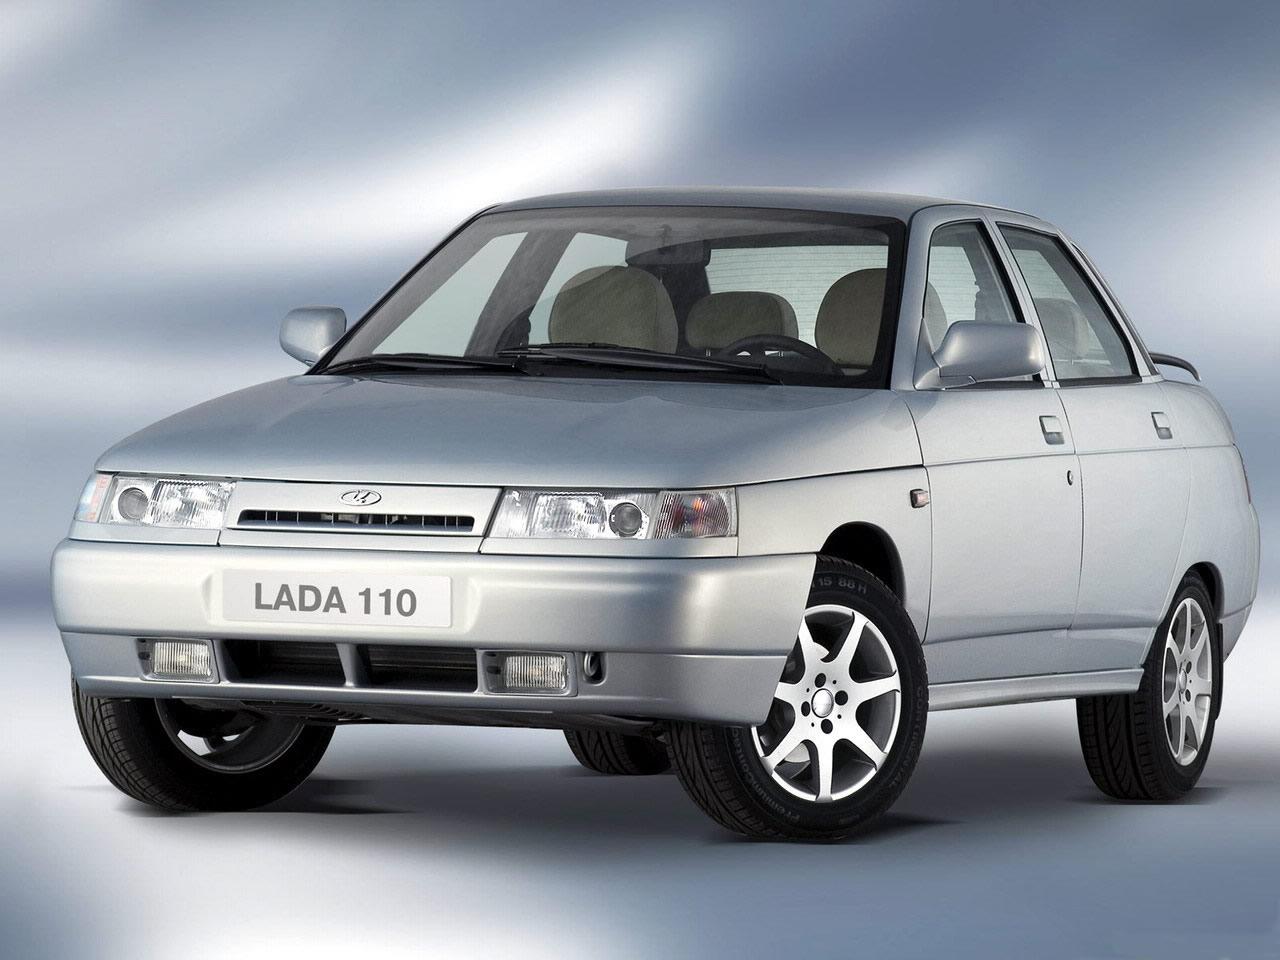 S0-modele--lada-110.jpg